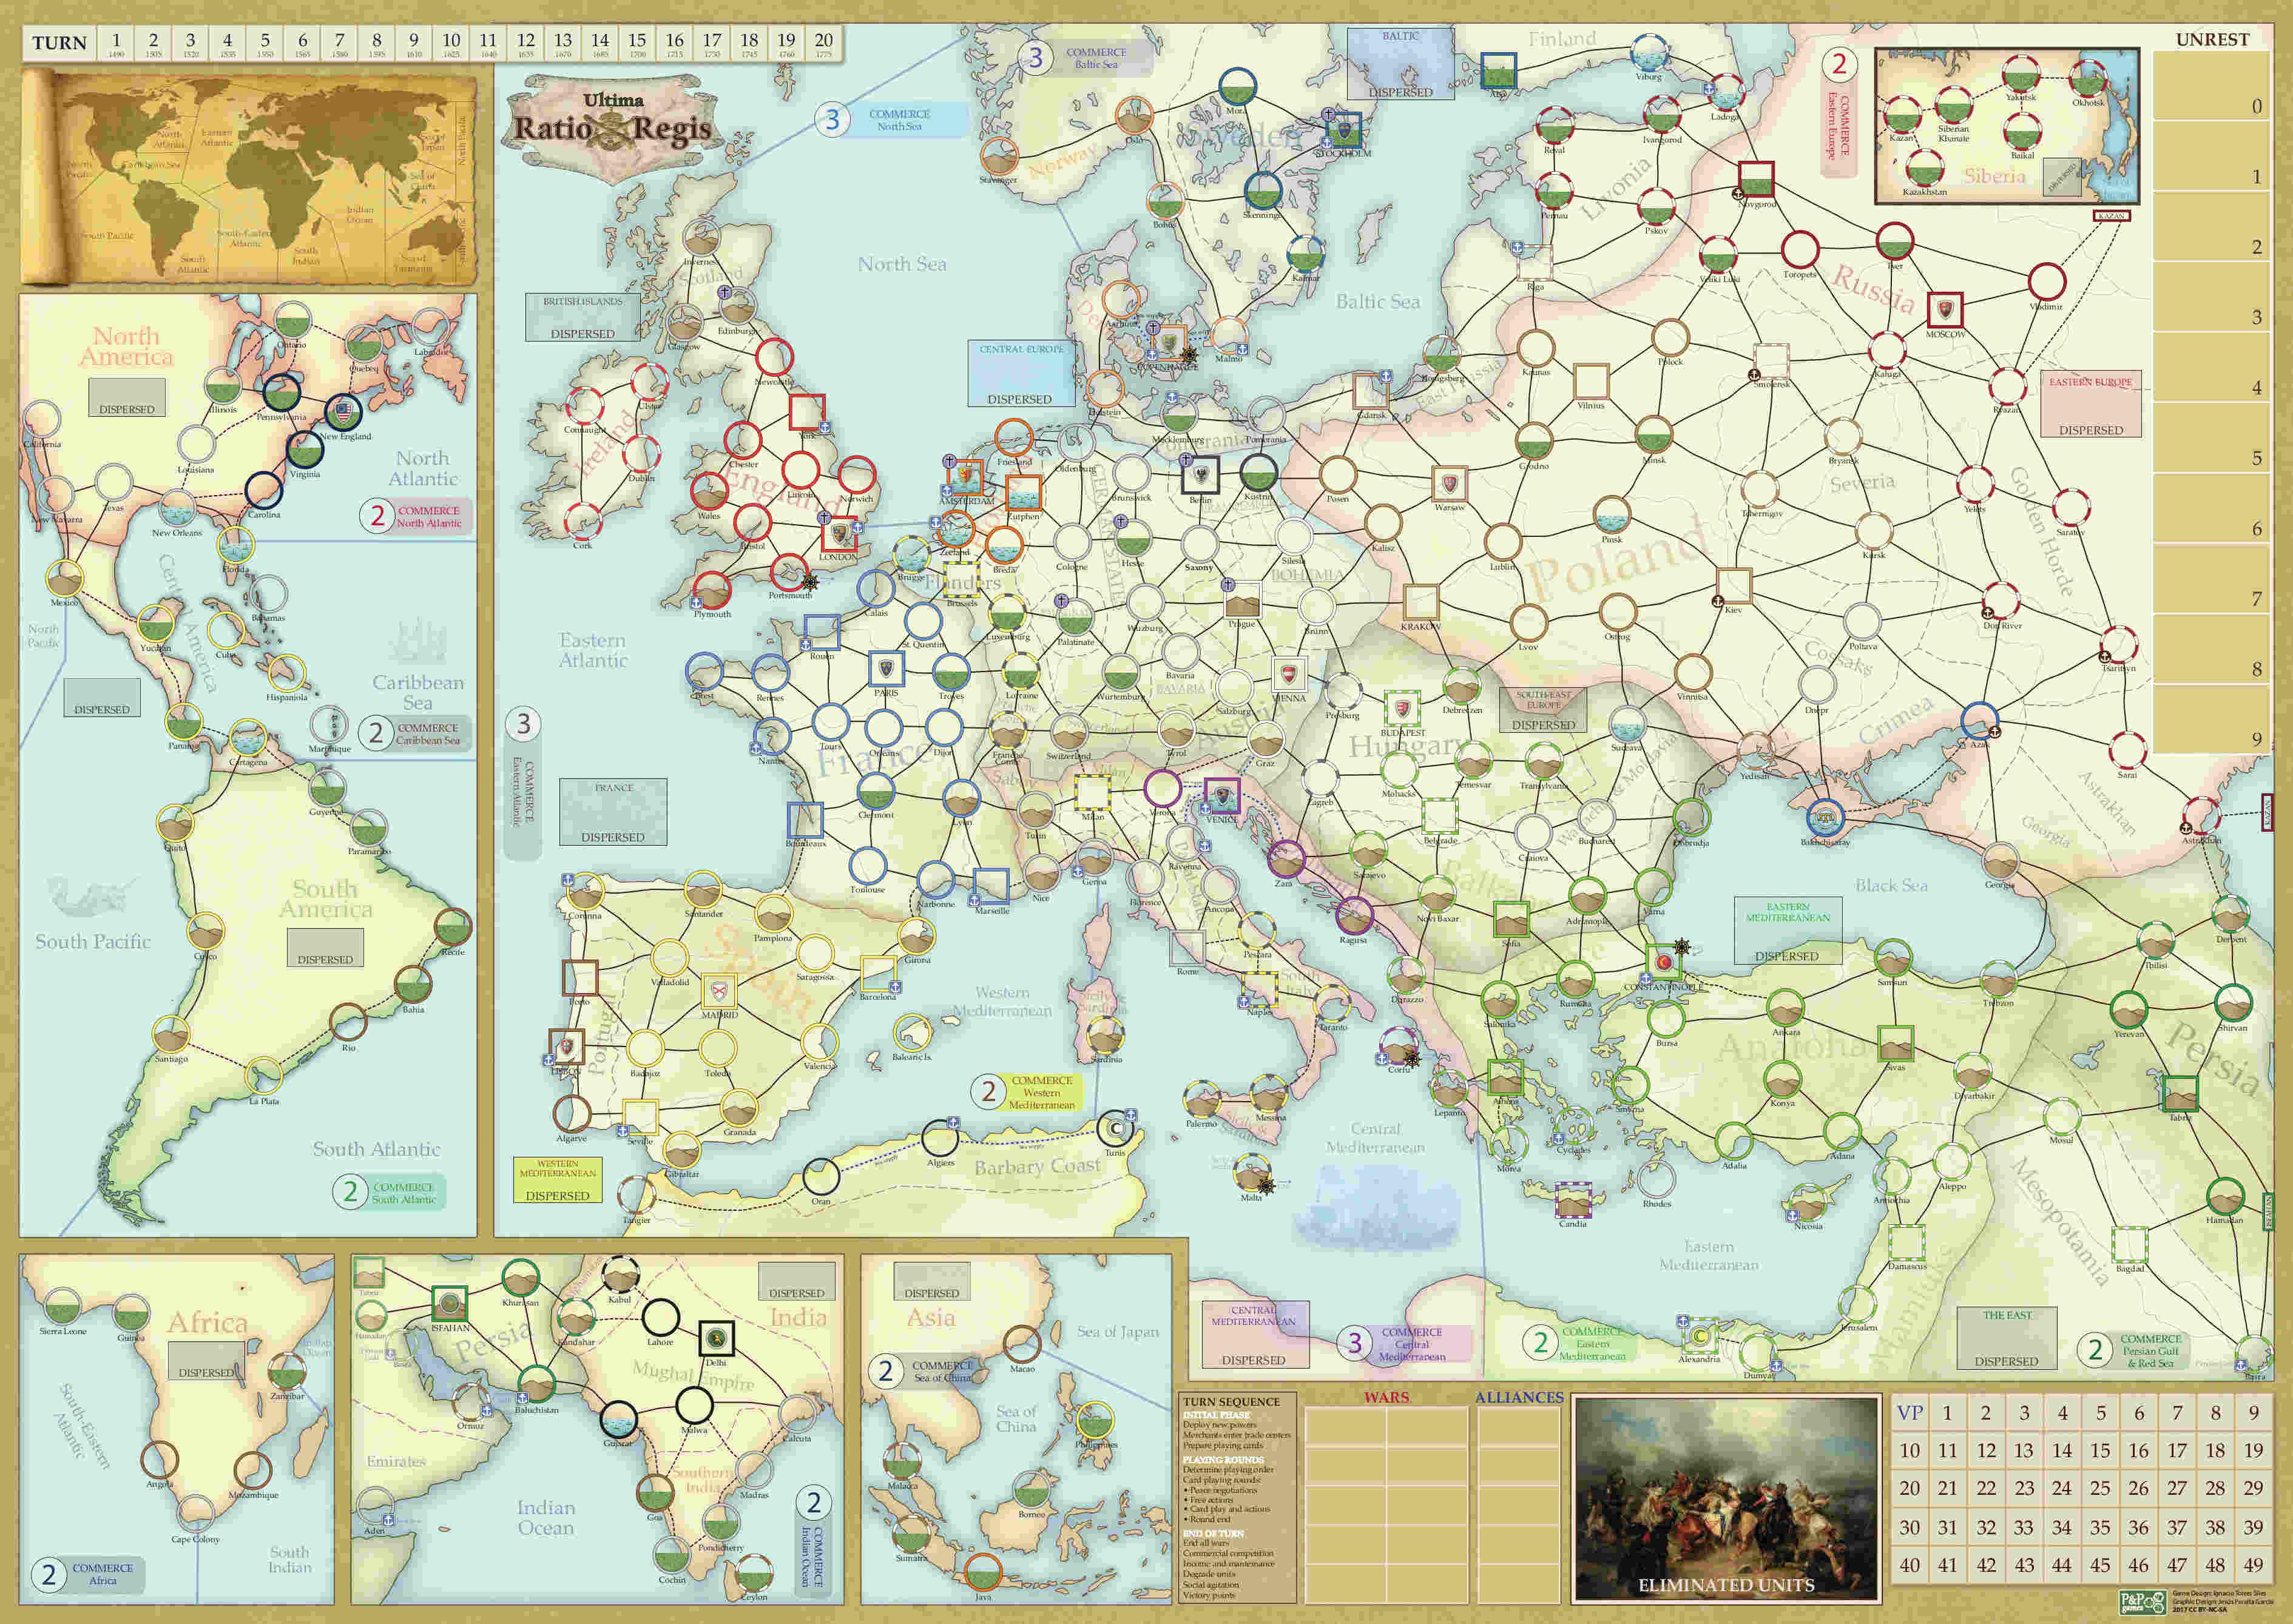 uRR map